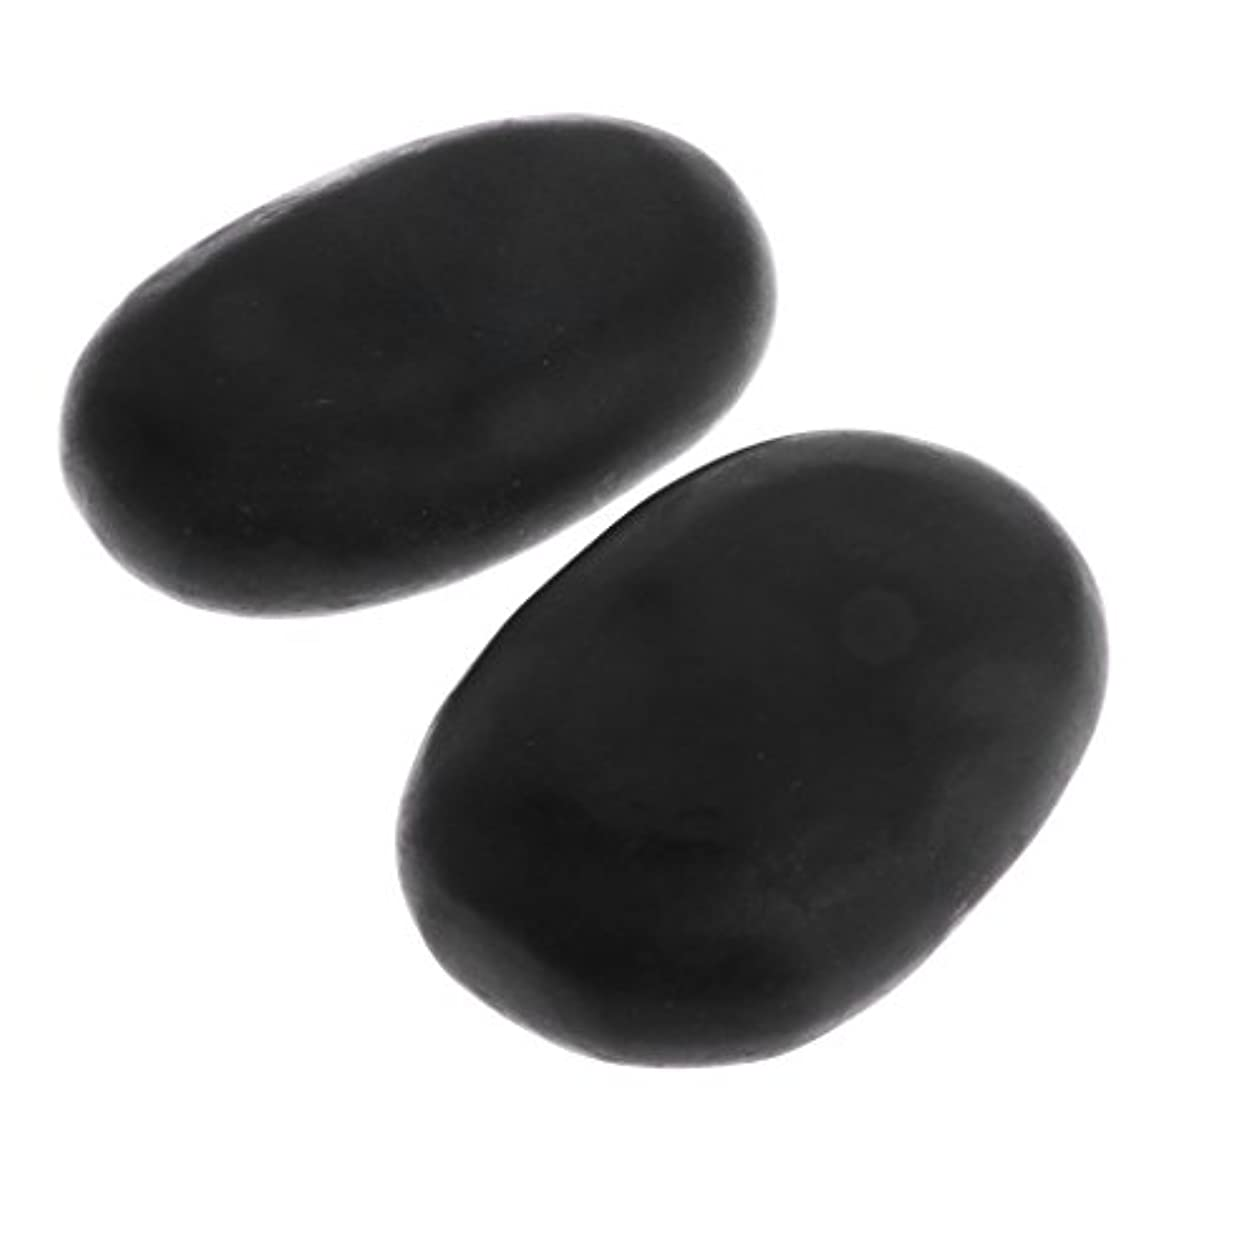 シュリンクエレメンタルめ言葉Perfk マッサージ石 2個 温泉石 玄武岩 火山石 マッサージ 溶岩 自然石 美容 SPA